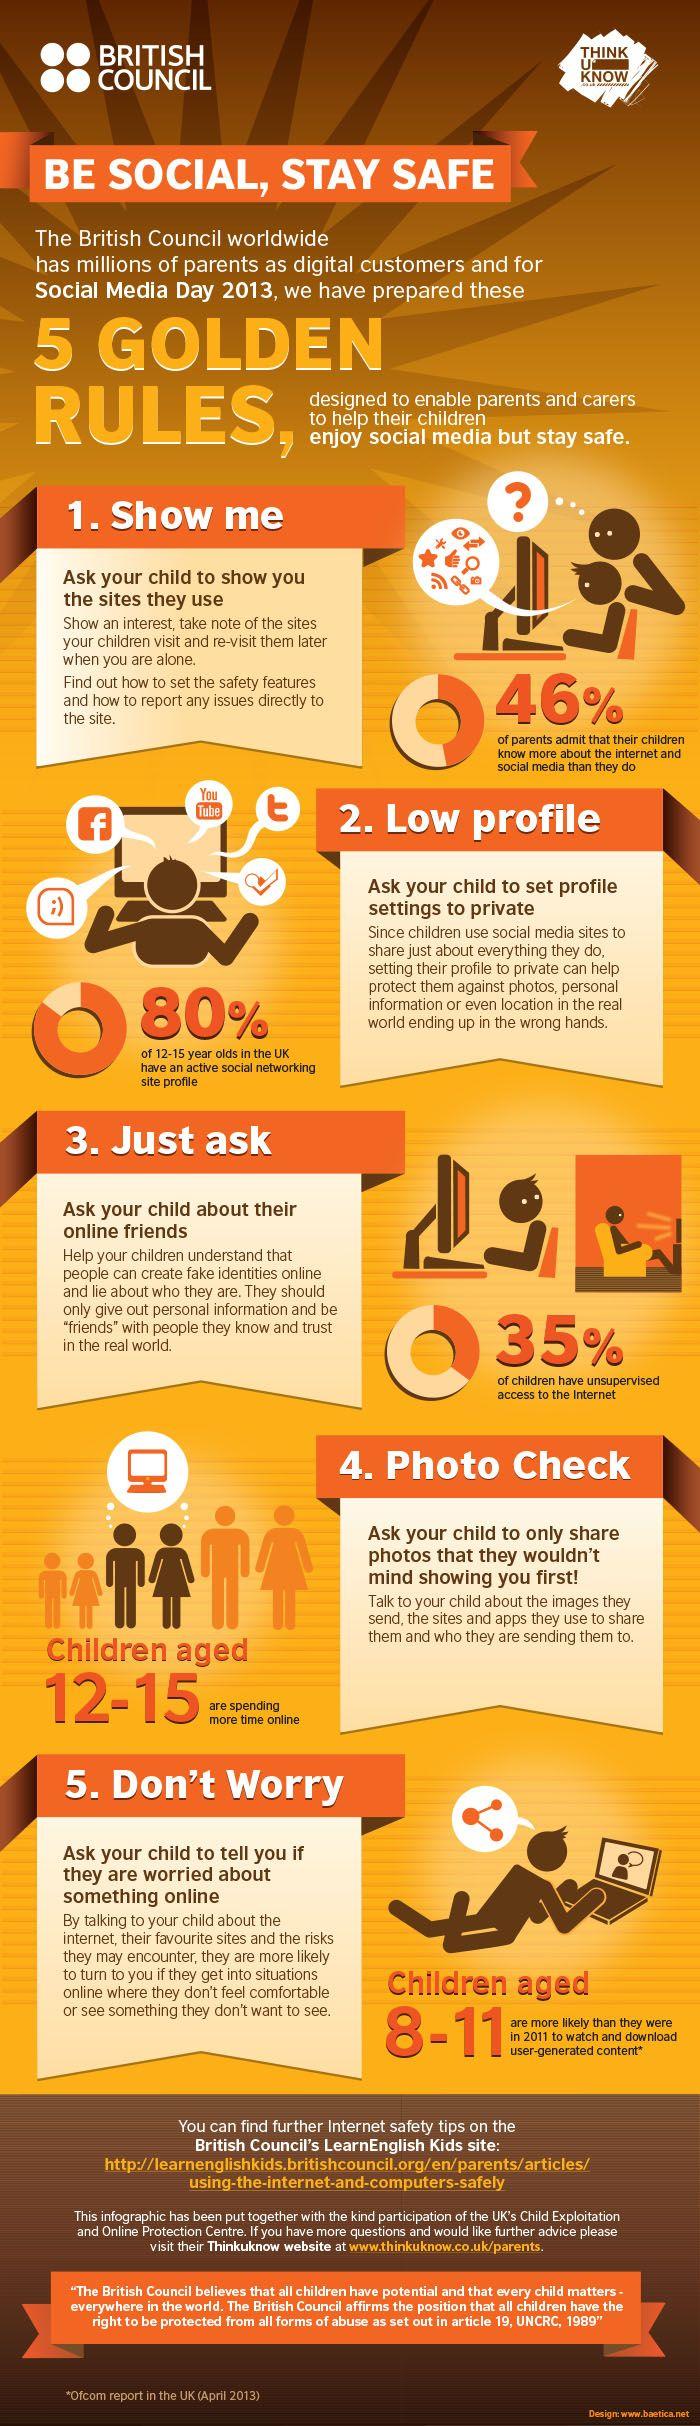 5 golden rules children stay safe online #staysafe british council Bron: Marketingnutz, 29-7-2013